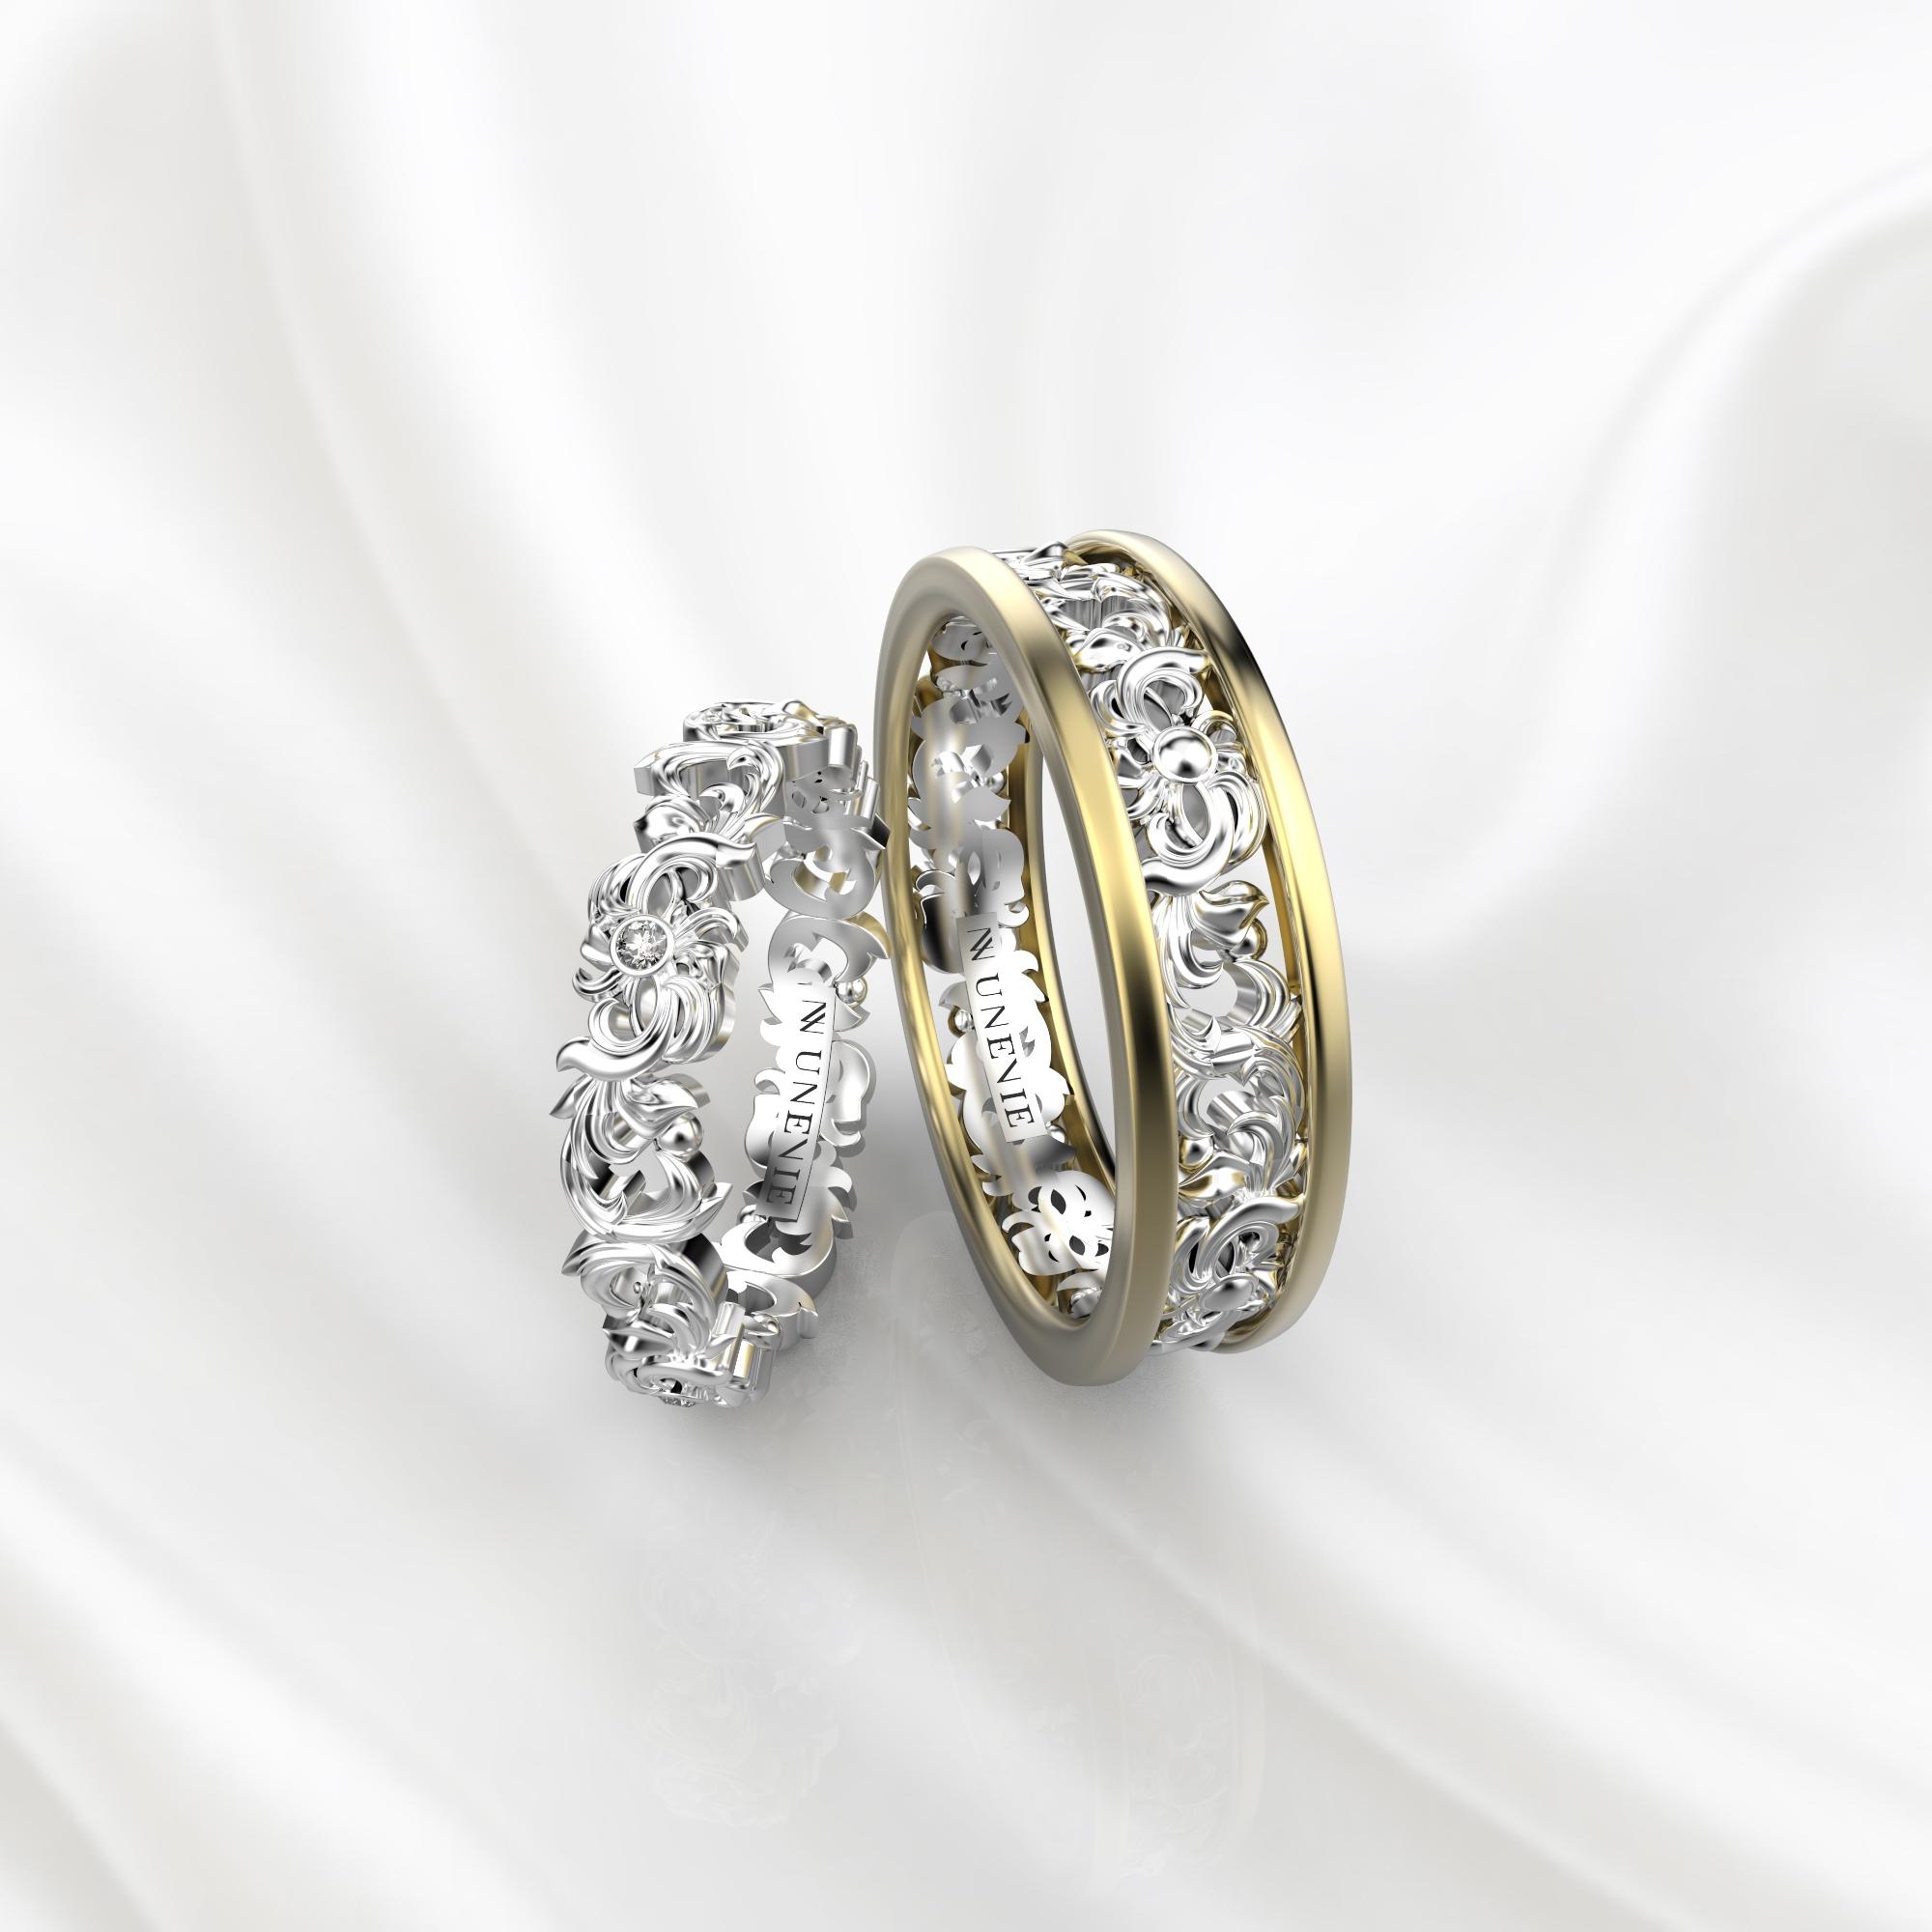 NV57 Парные обручальные кольца из желто-белого золота с бриллиантами